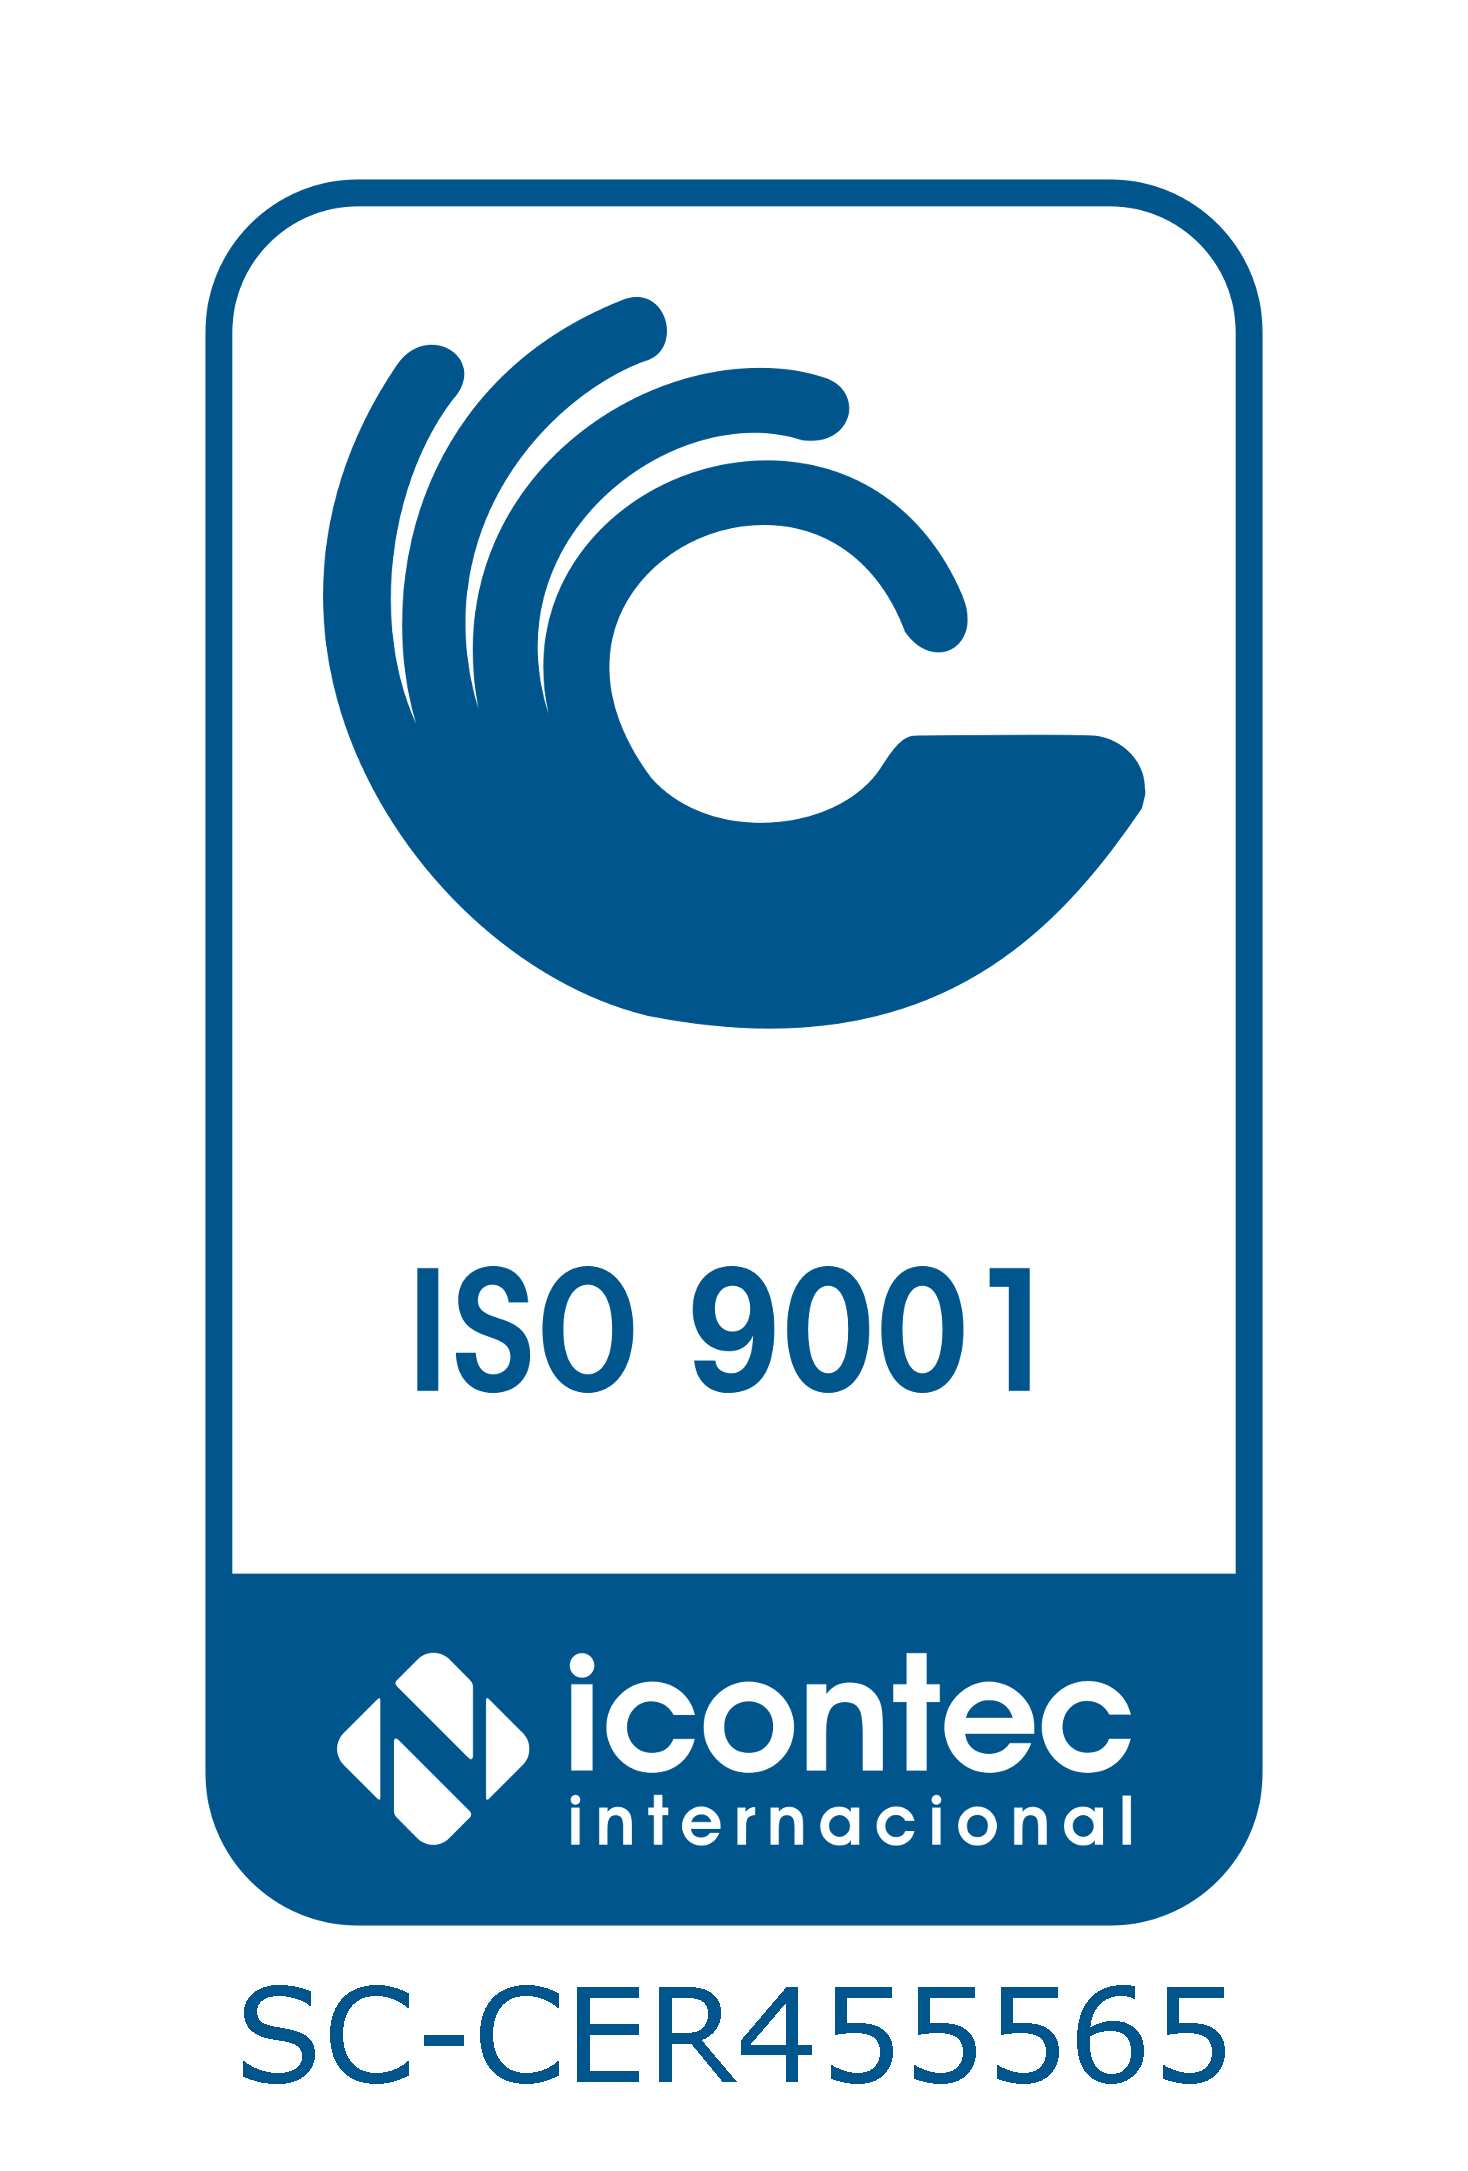 logo de ntc 9001